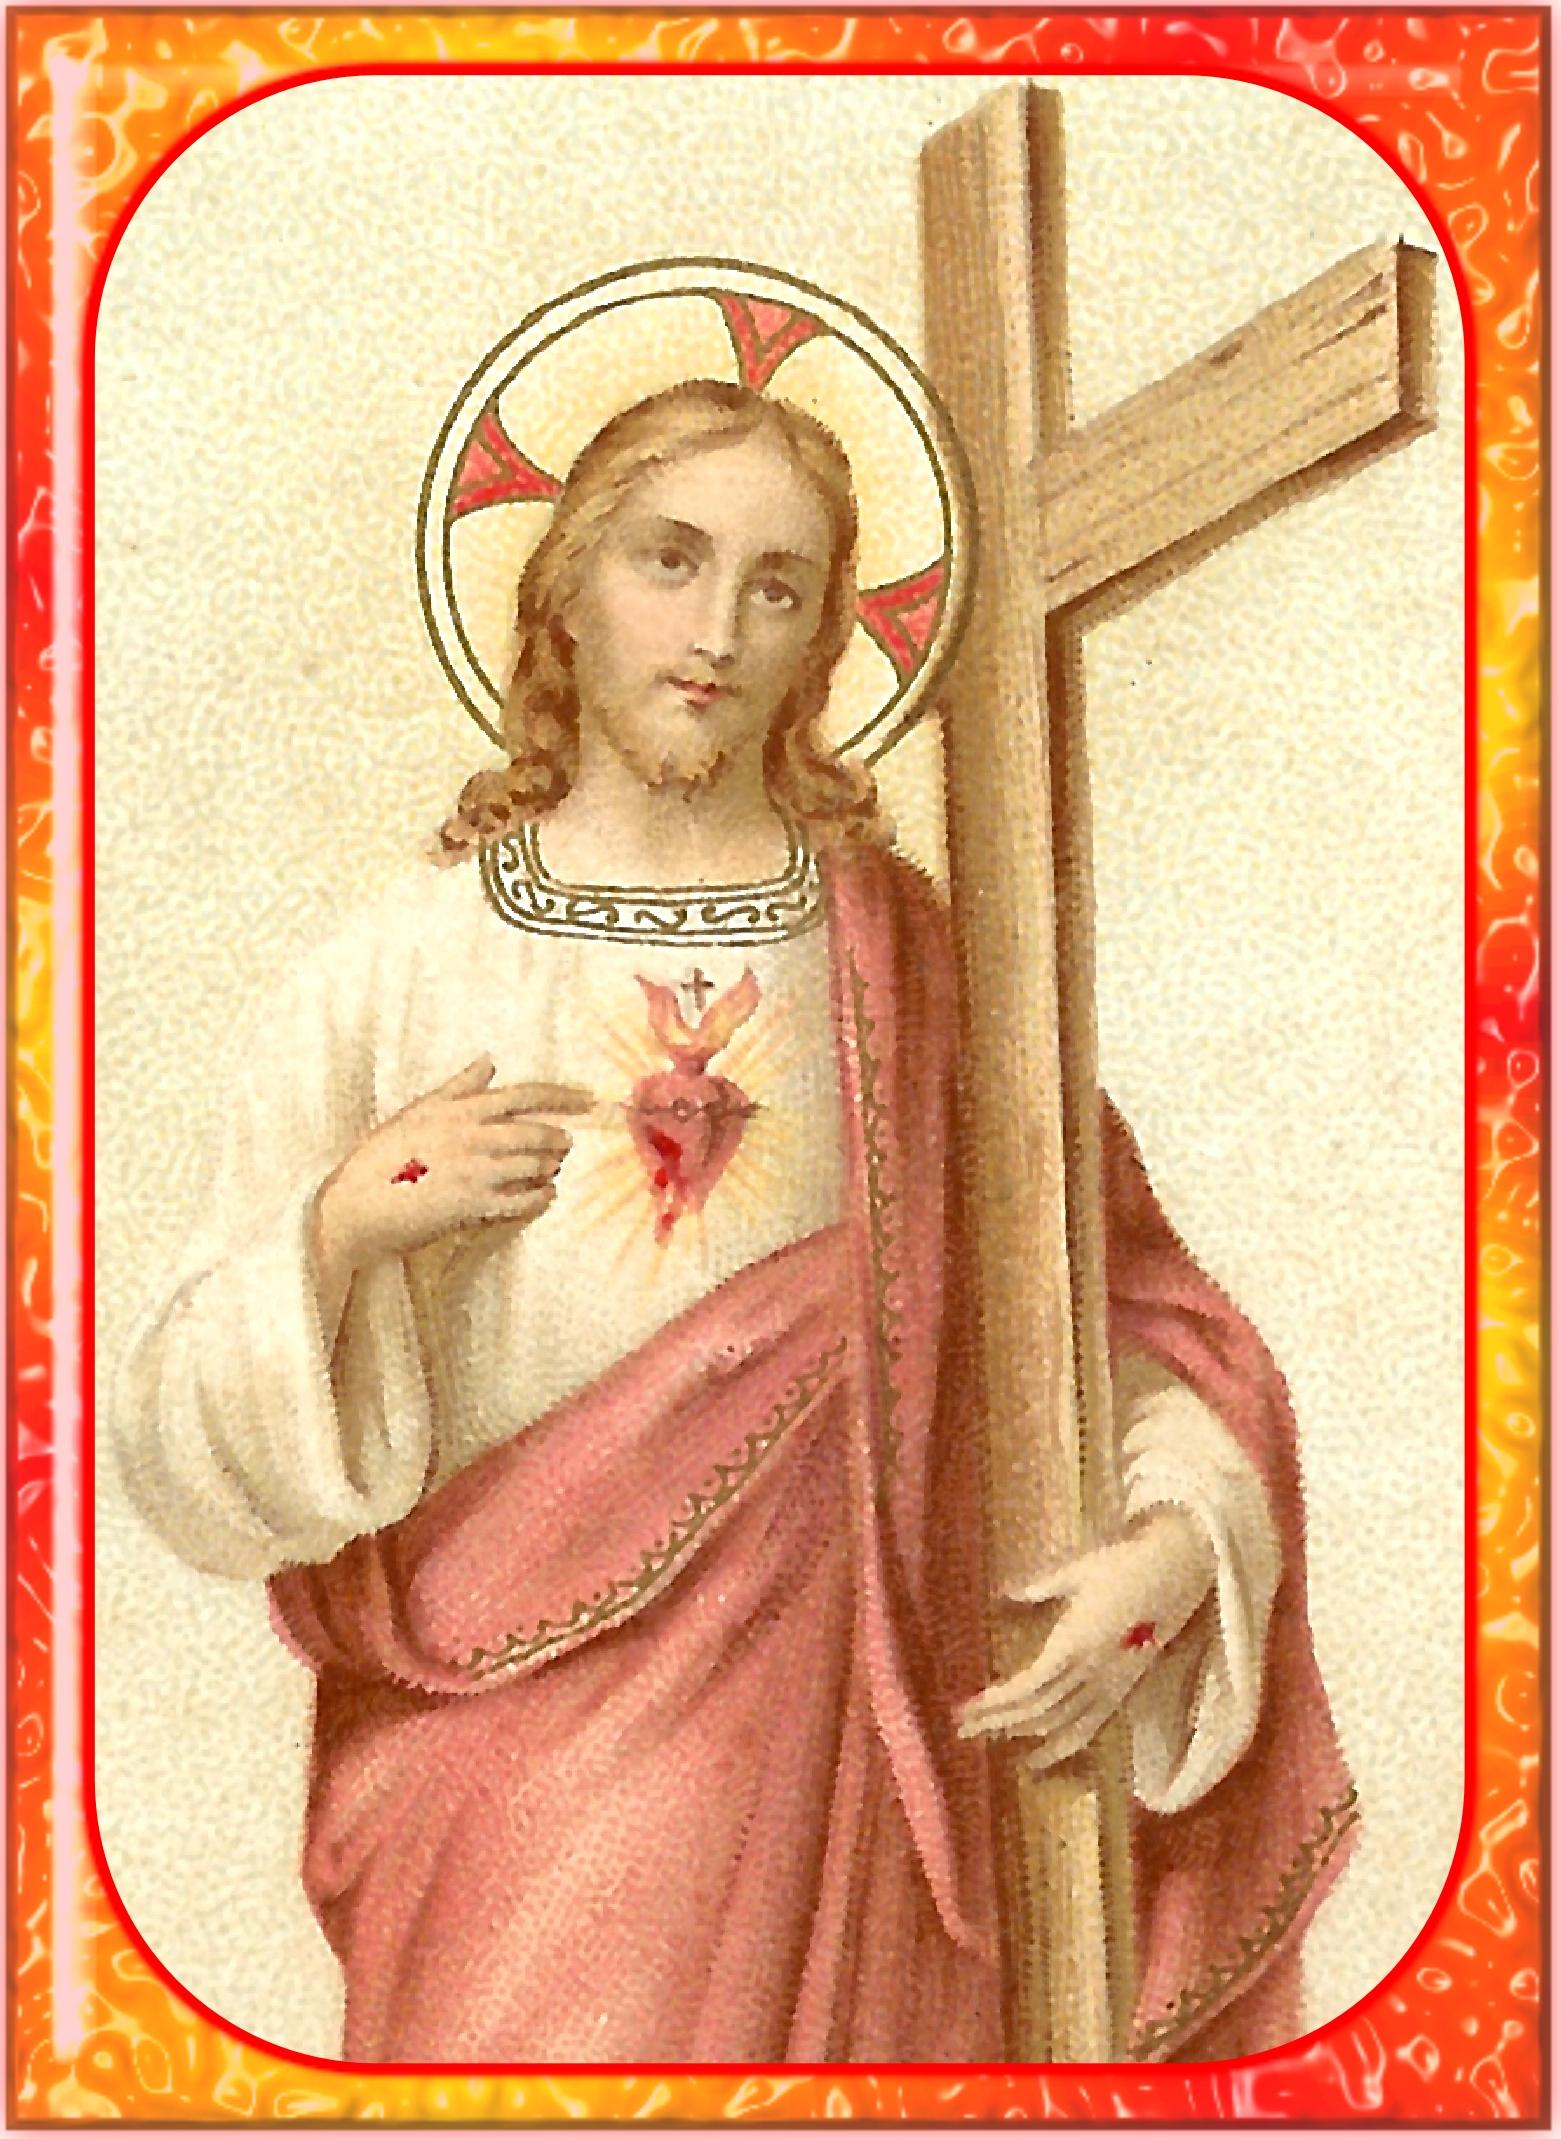 CALENDRIER CATHOLIQUE 2019 (Cantiques, Prières & Images) - Page 13 J-sus-christ-notr...dempteur-56b0df9